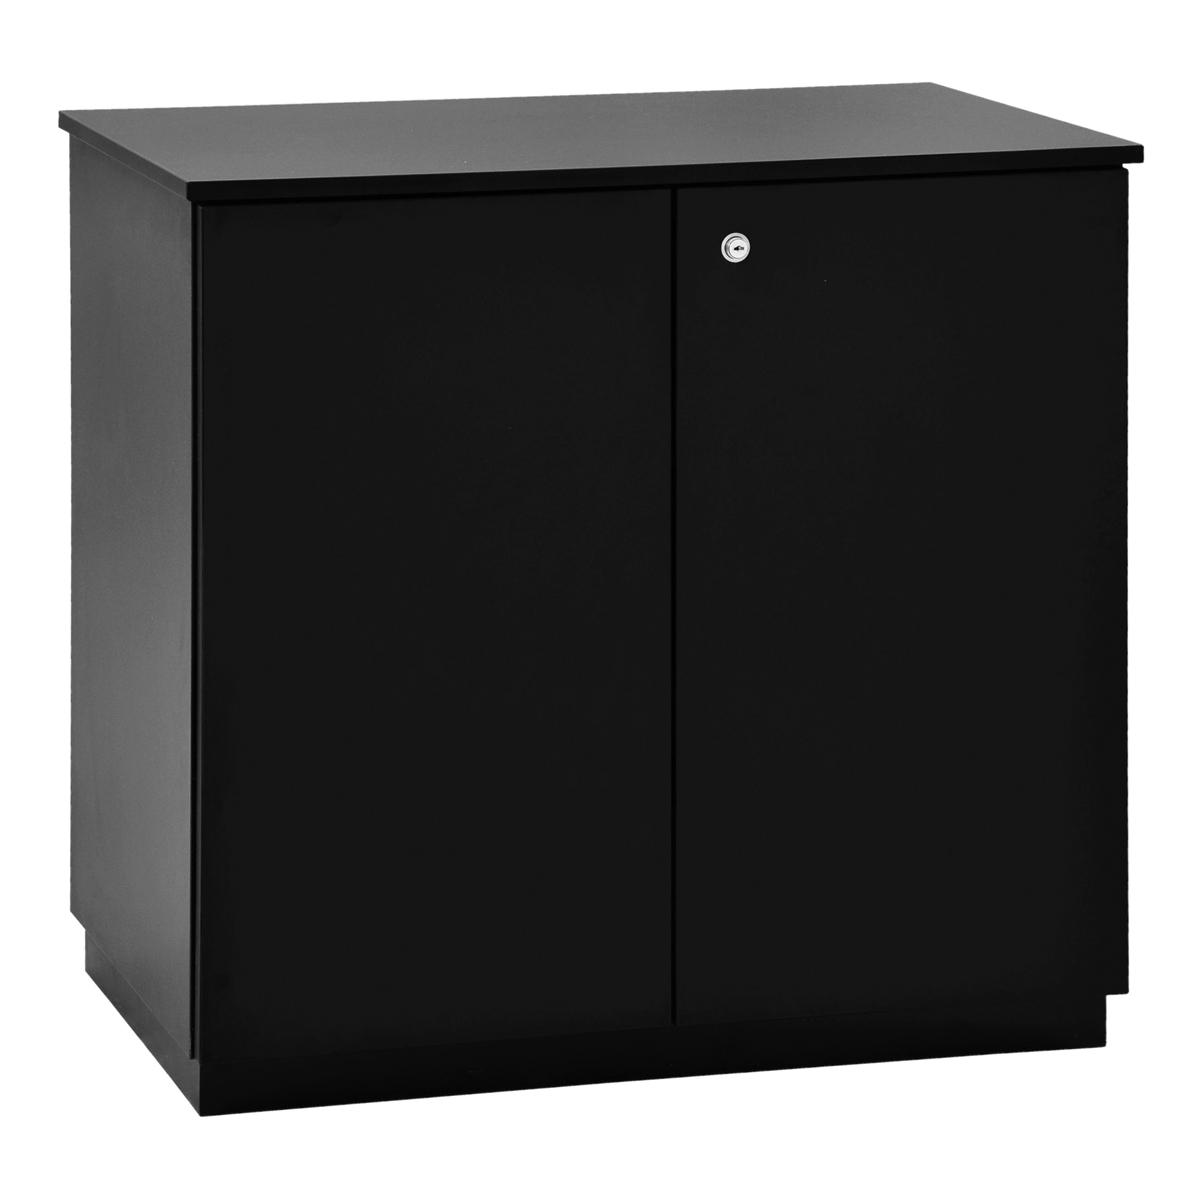 sideboard wei dlse mietm bel. Black Bedroom Furniture Sets. Home Design Ideas